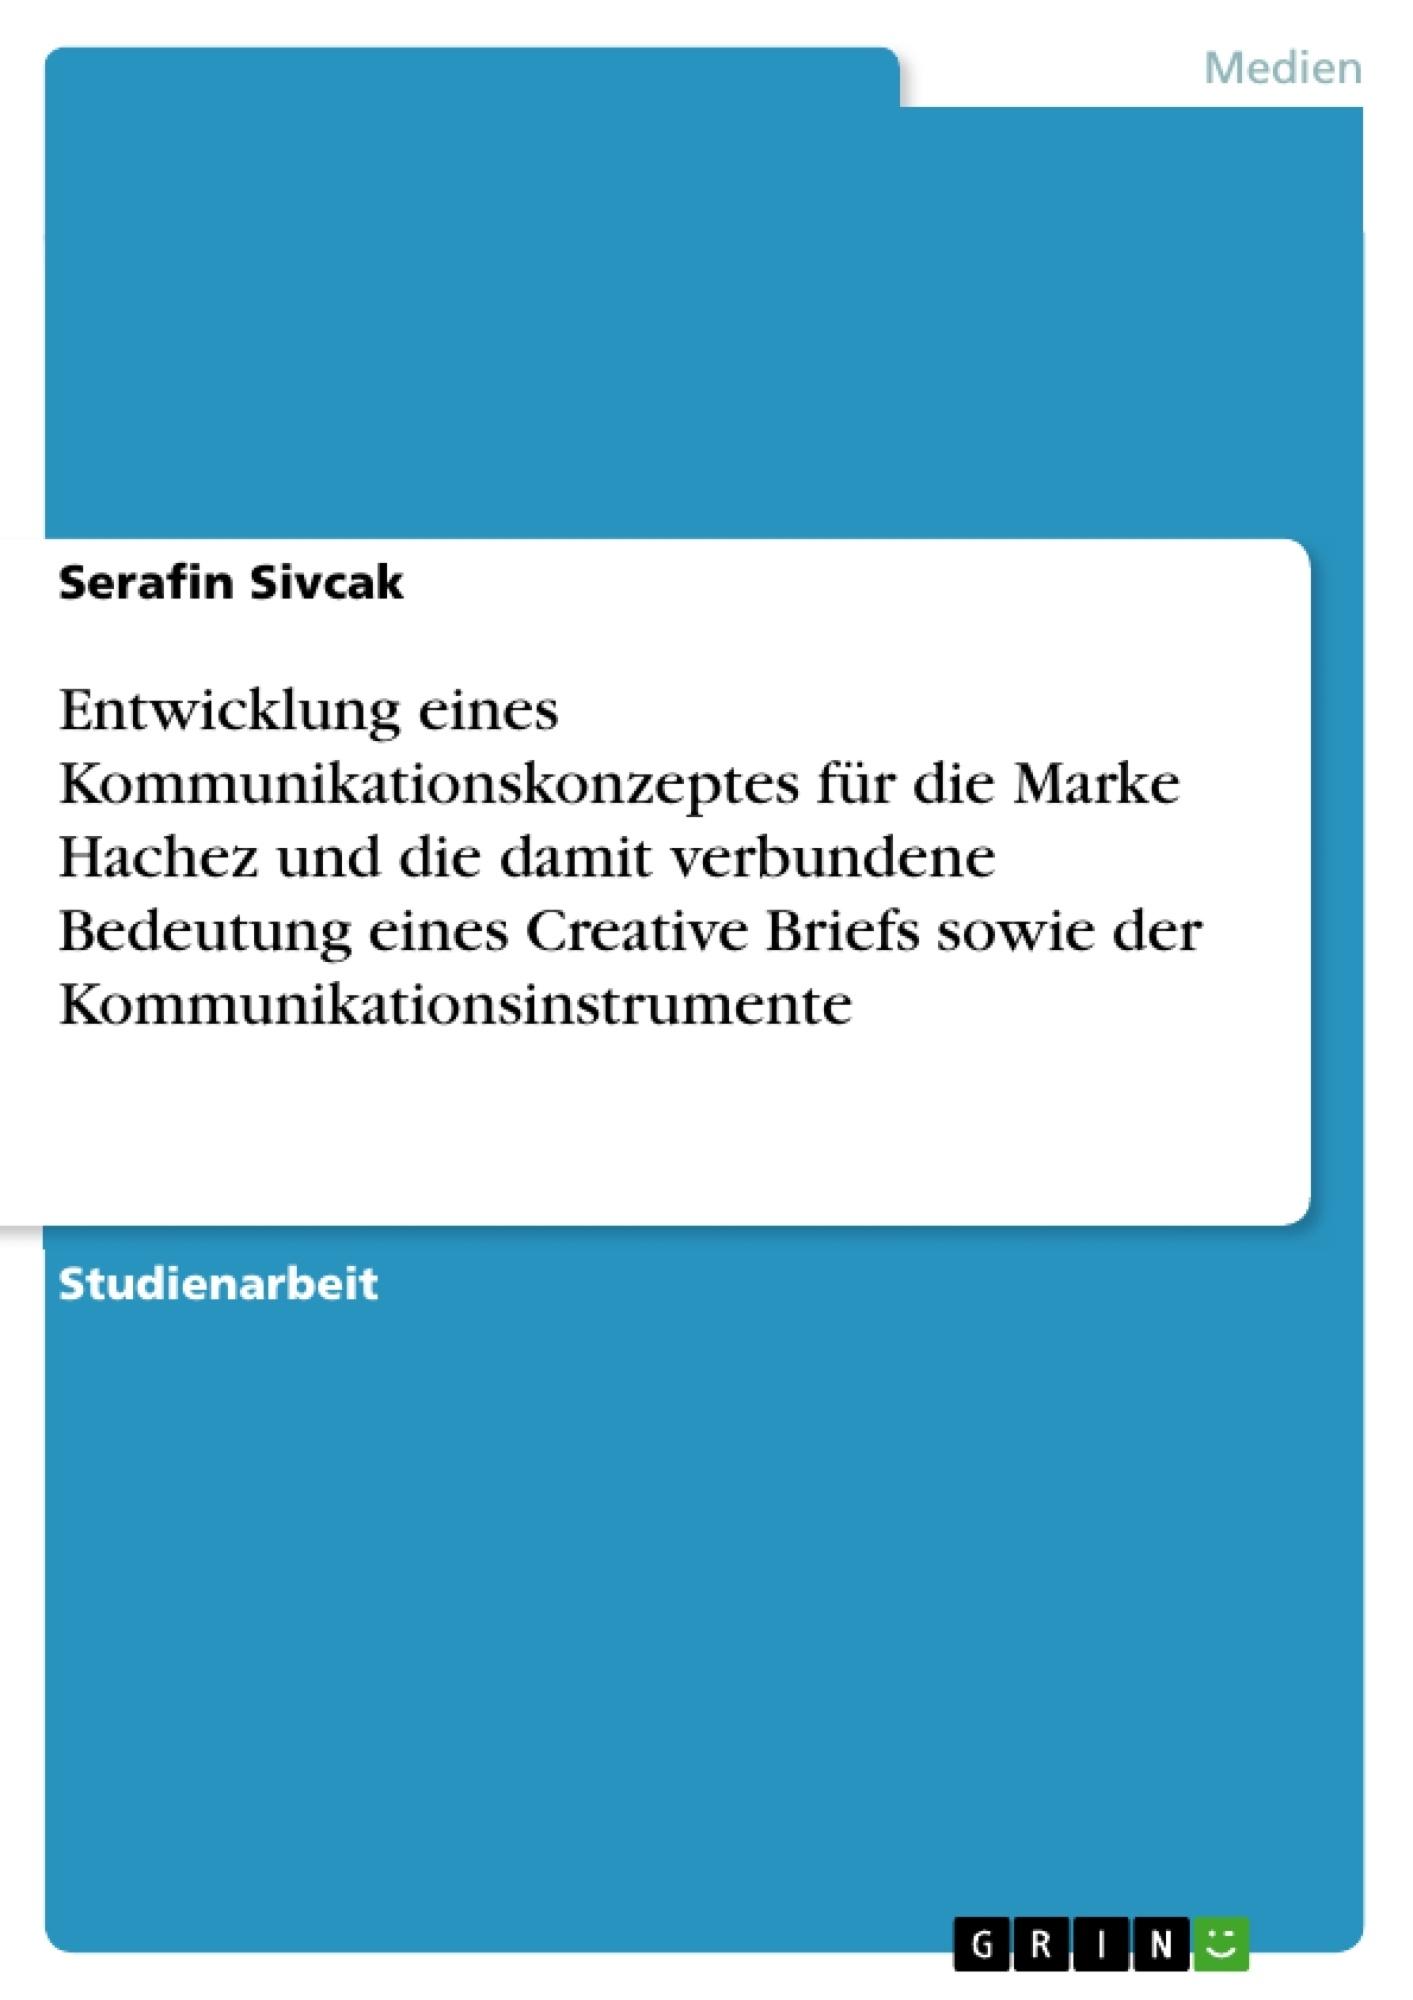 Titel: Entwicklung eines Kommunikationskonzeptes für die Marke Hachez und die damit verbundene Bedeutung eines Creative Briefs sowie der Kommunikationsinstrumente